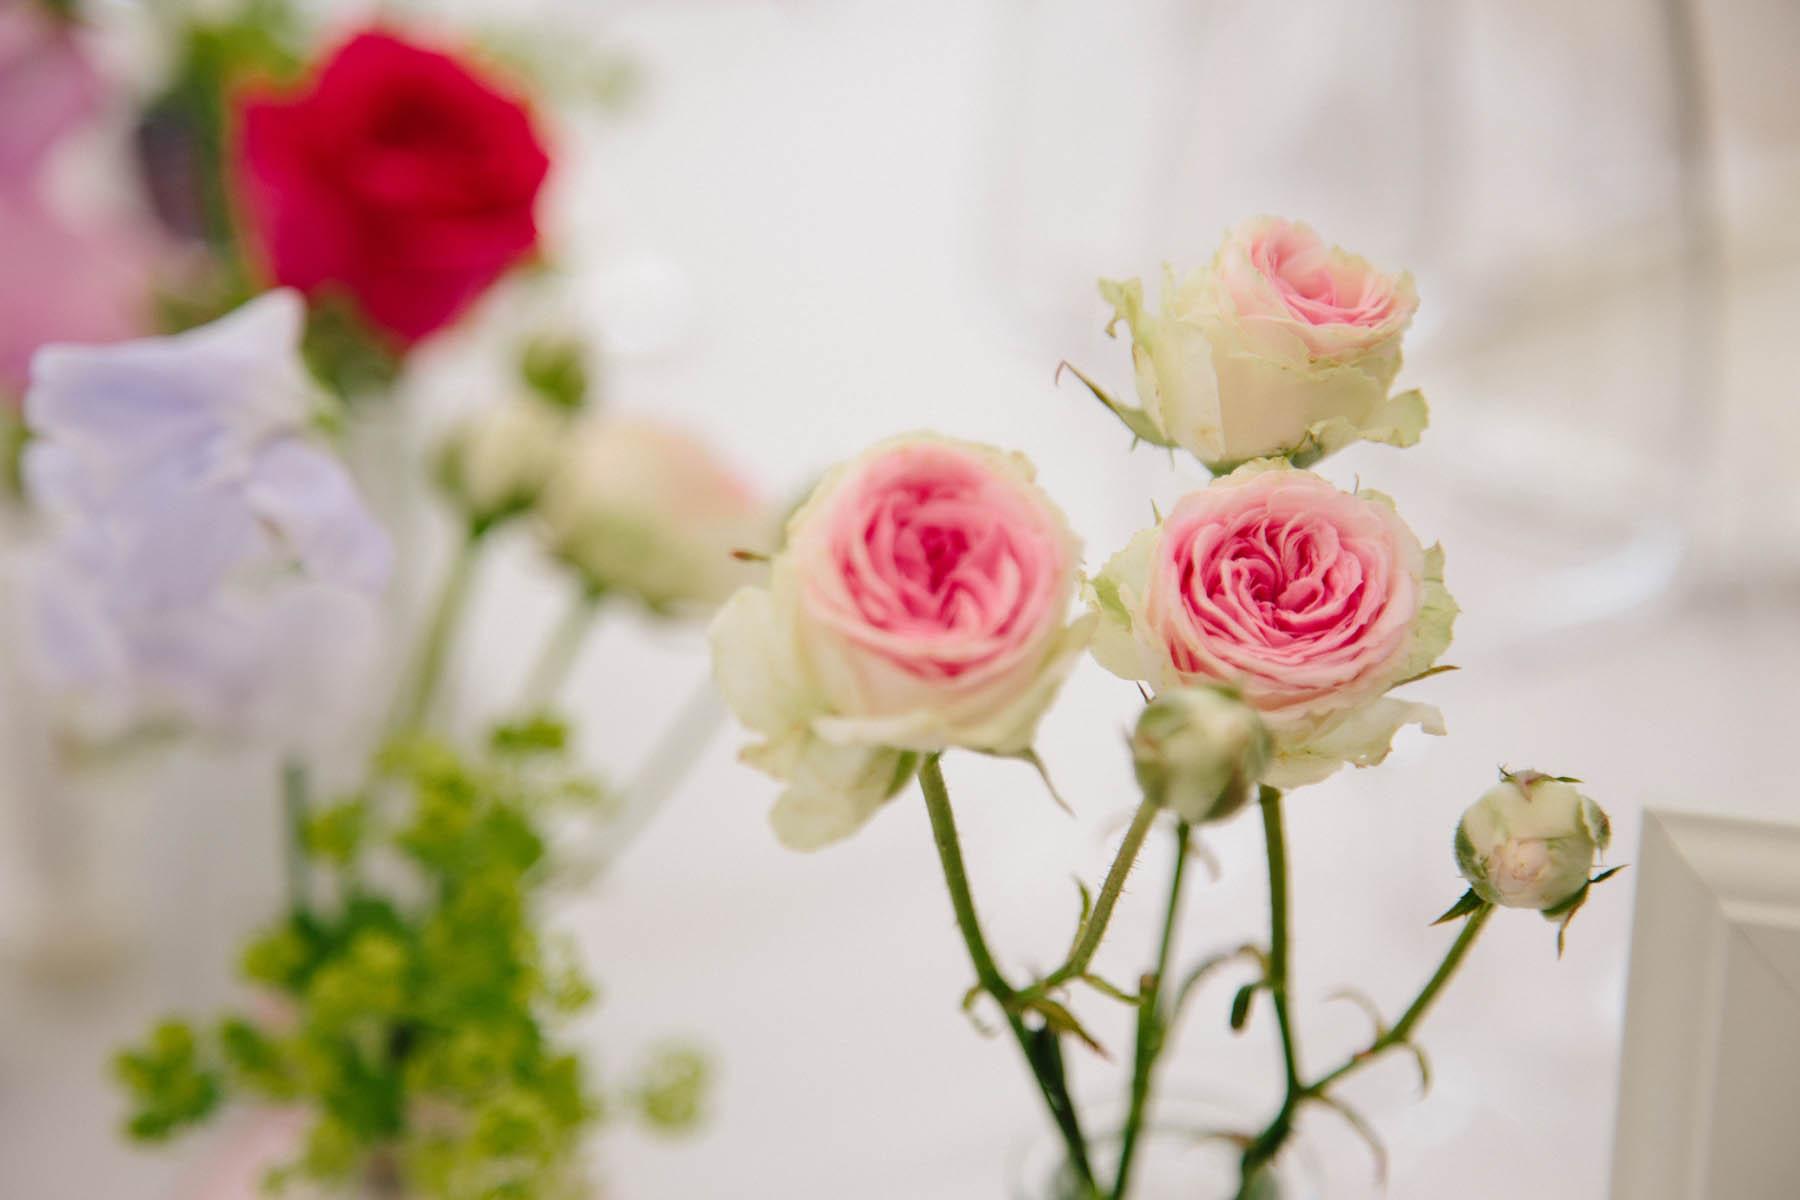 kärnten rosa rote rosen günstig